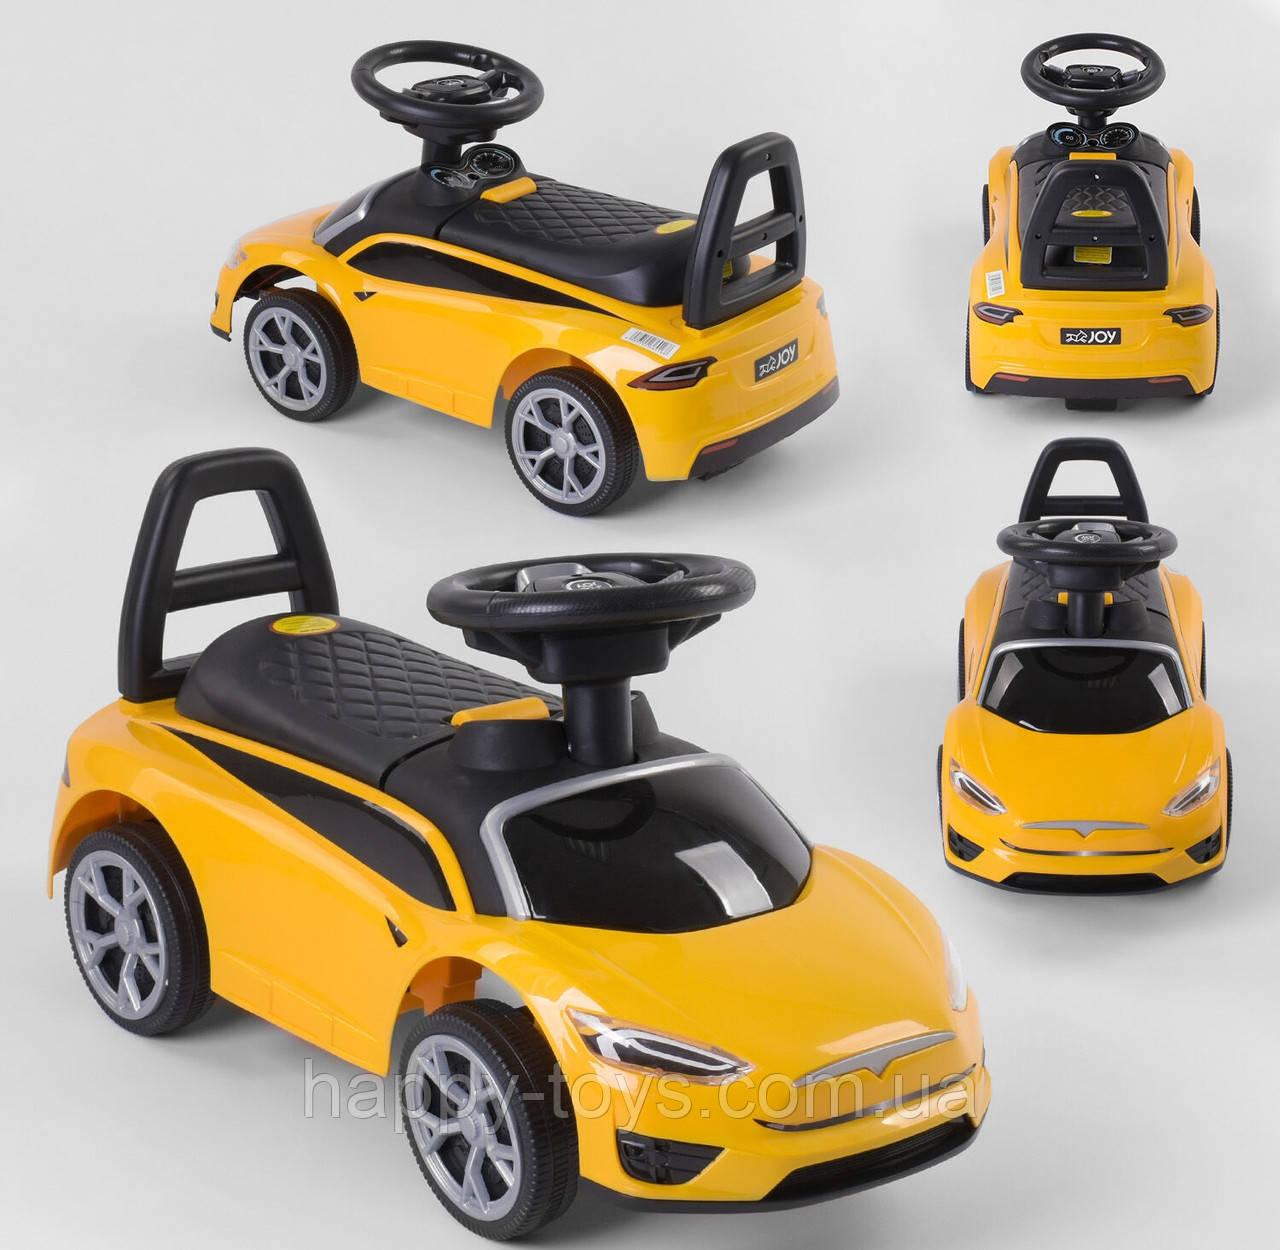 Машина для катания детская Тесла Желтая Каталка-толокар машинка JOY TS 50909